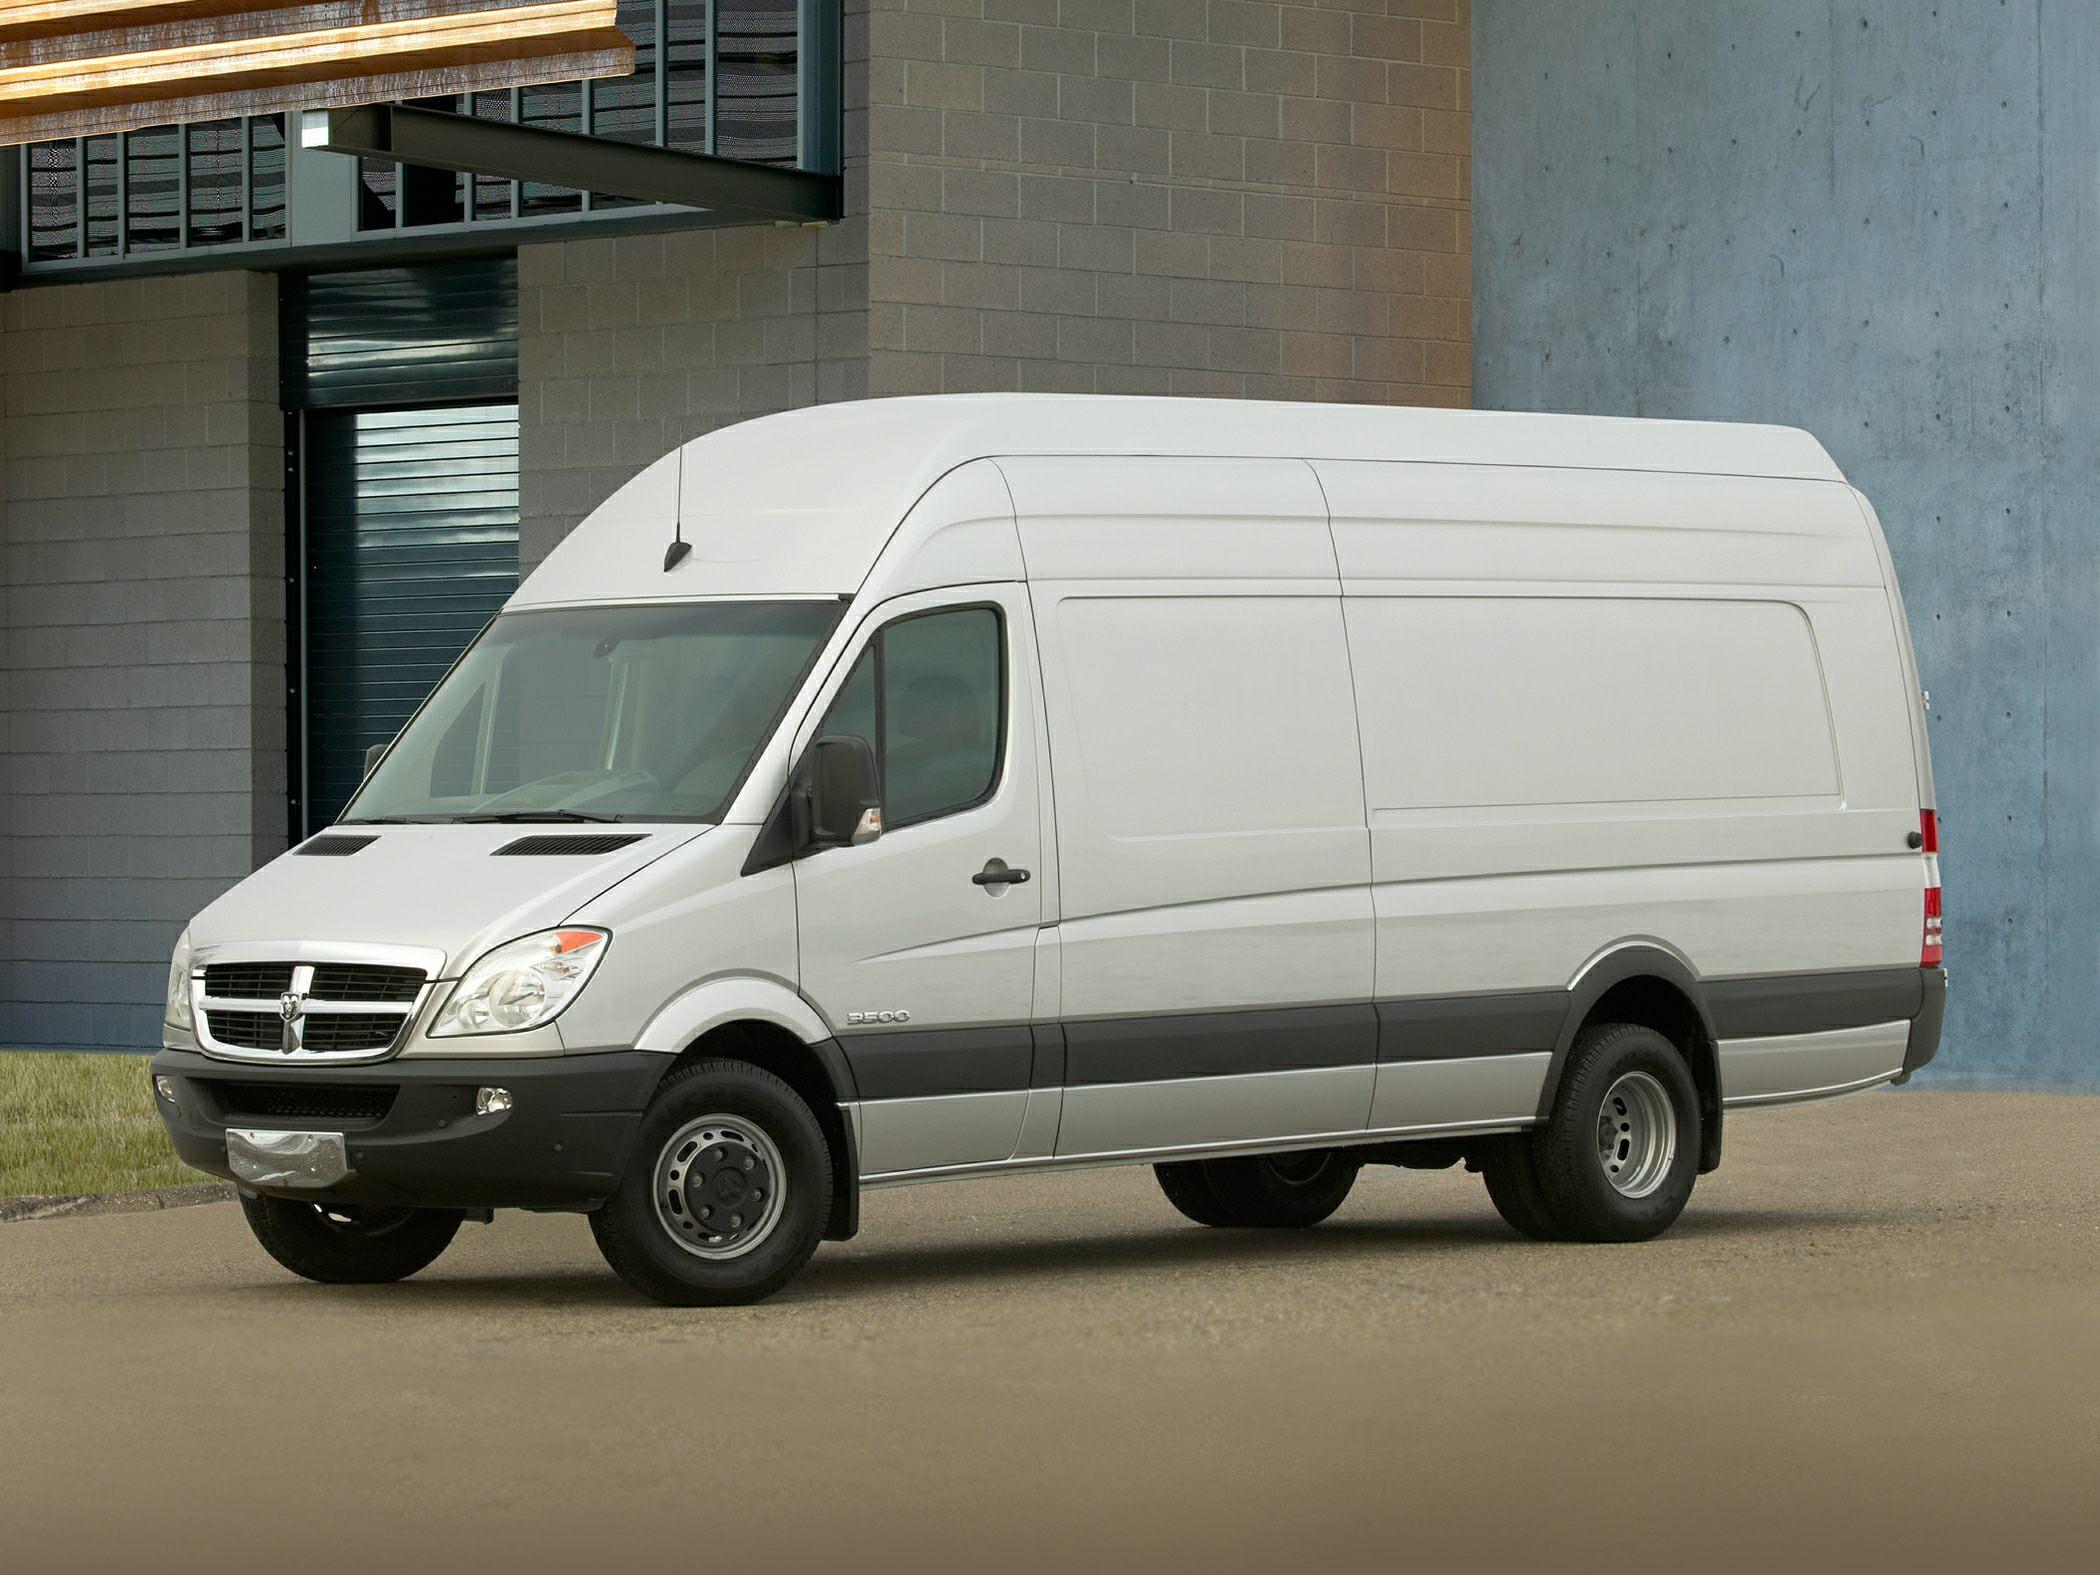 2008 Dodge Sprinter Van 3500 Specs Safety Rating Amp Mpg